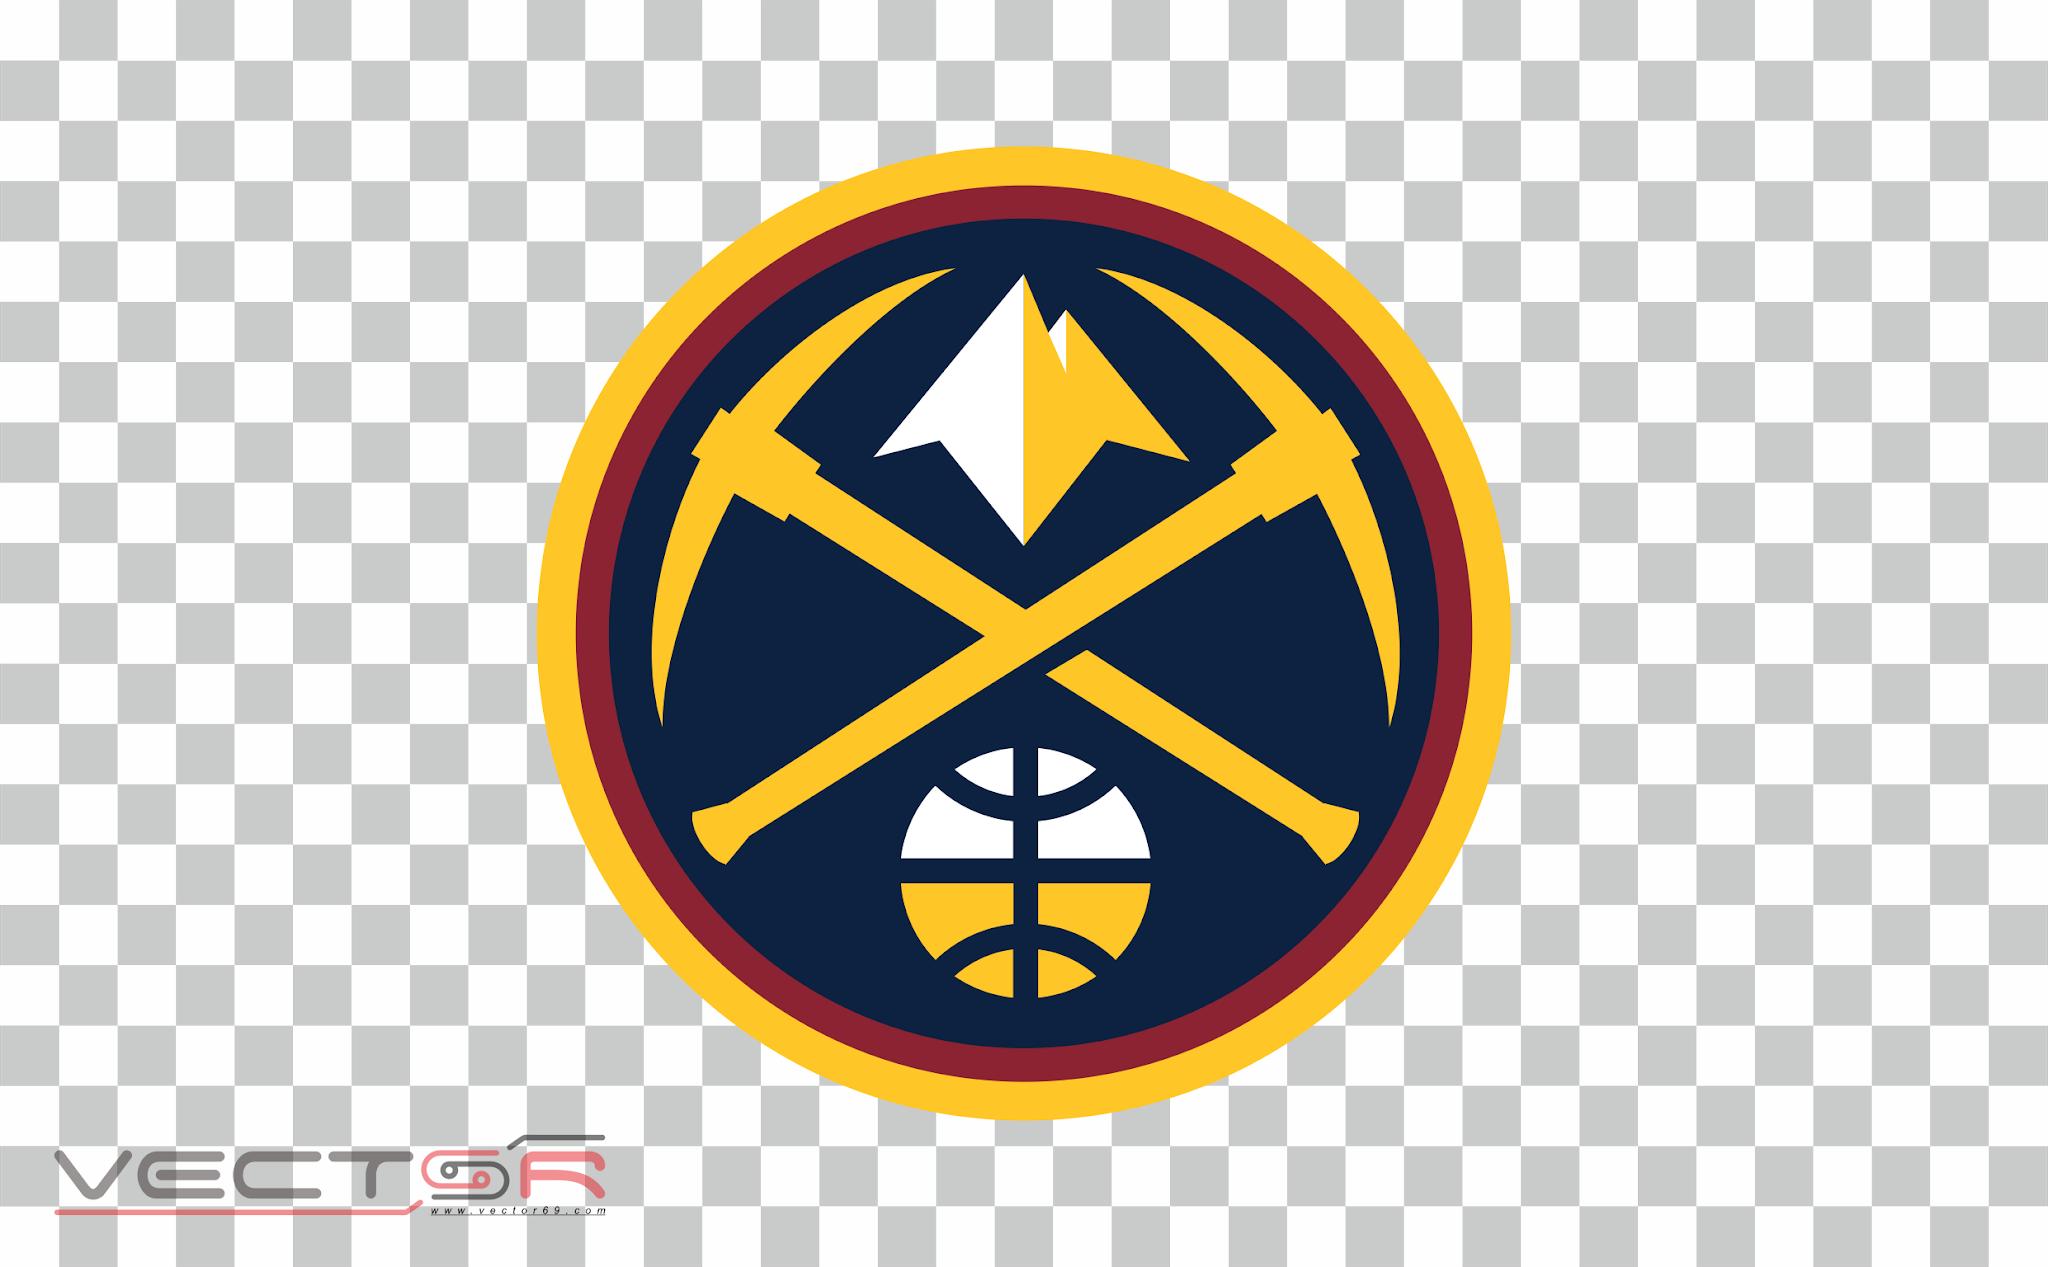 Denver Nuggets Logo - Download .PNG (Portable Network Graphics) Transparent Images